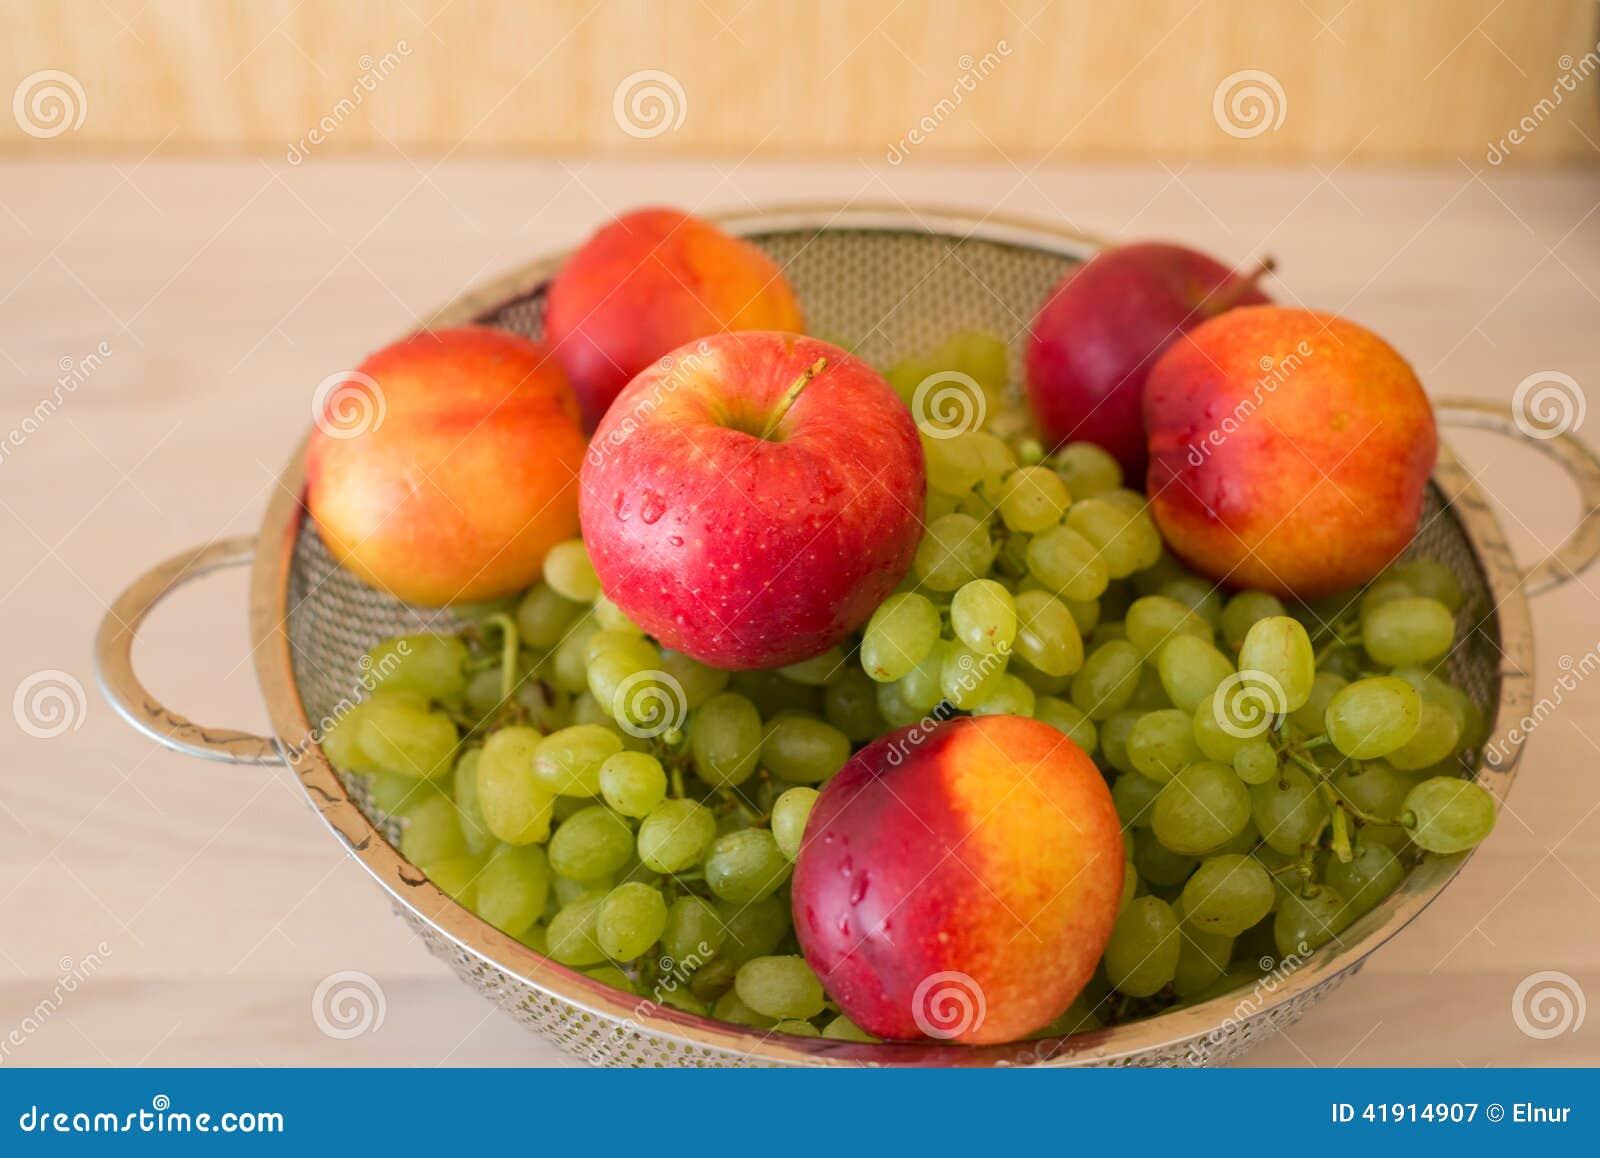 Früchte im bown